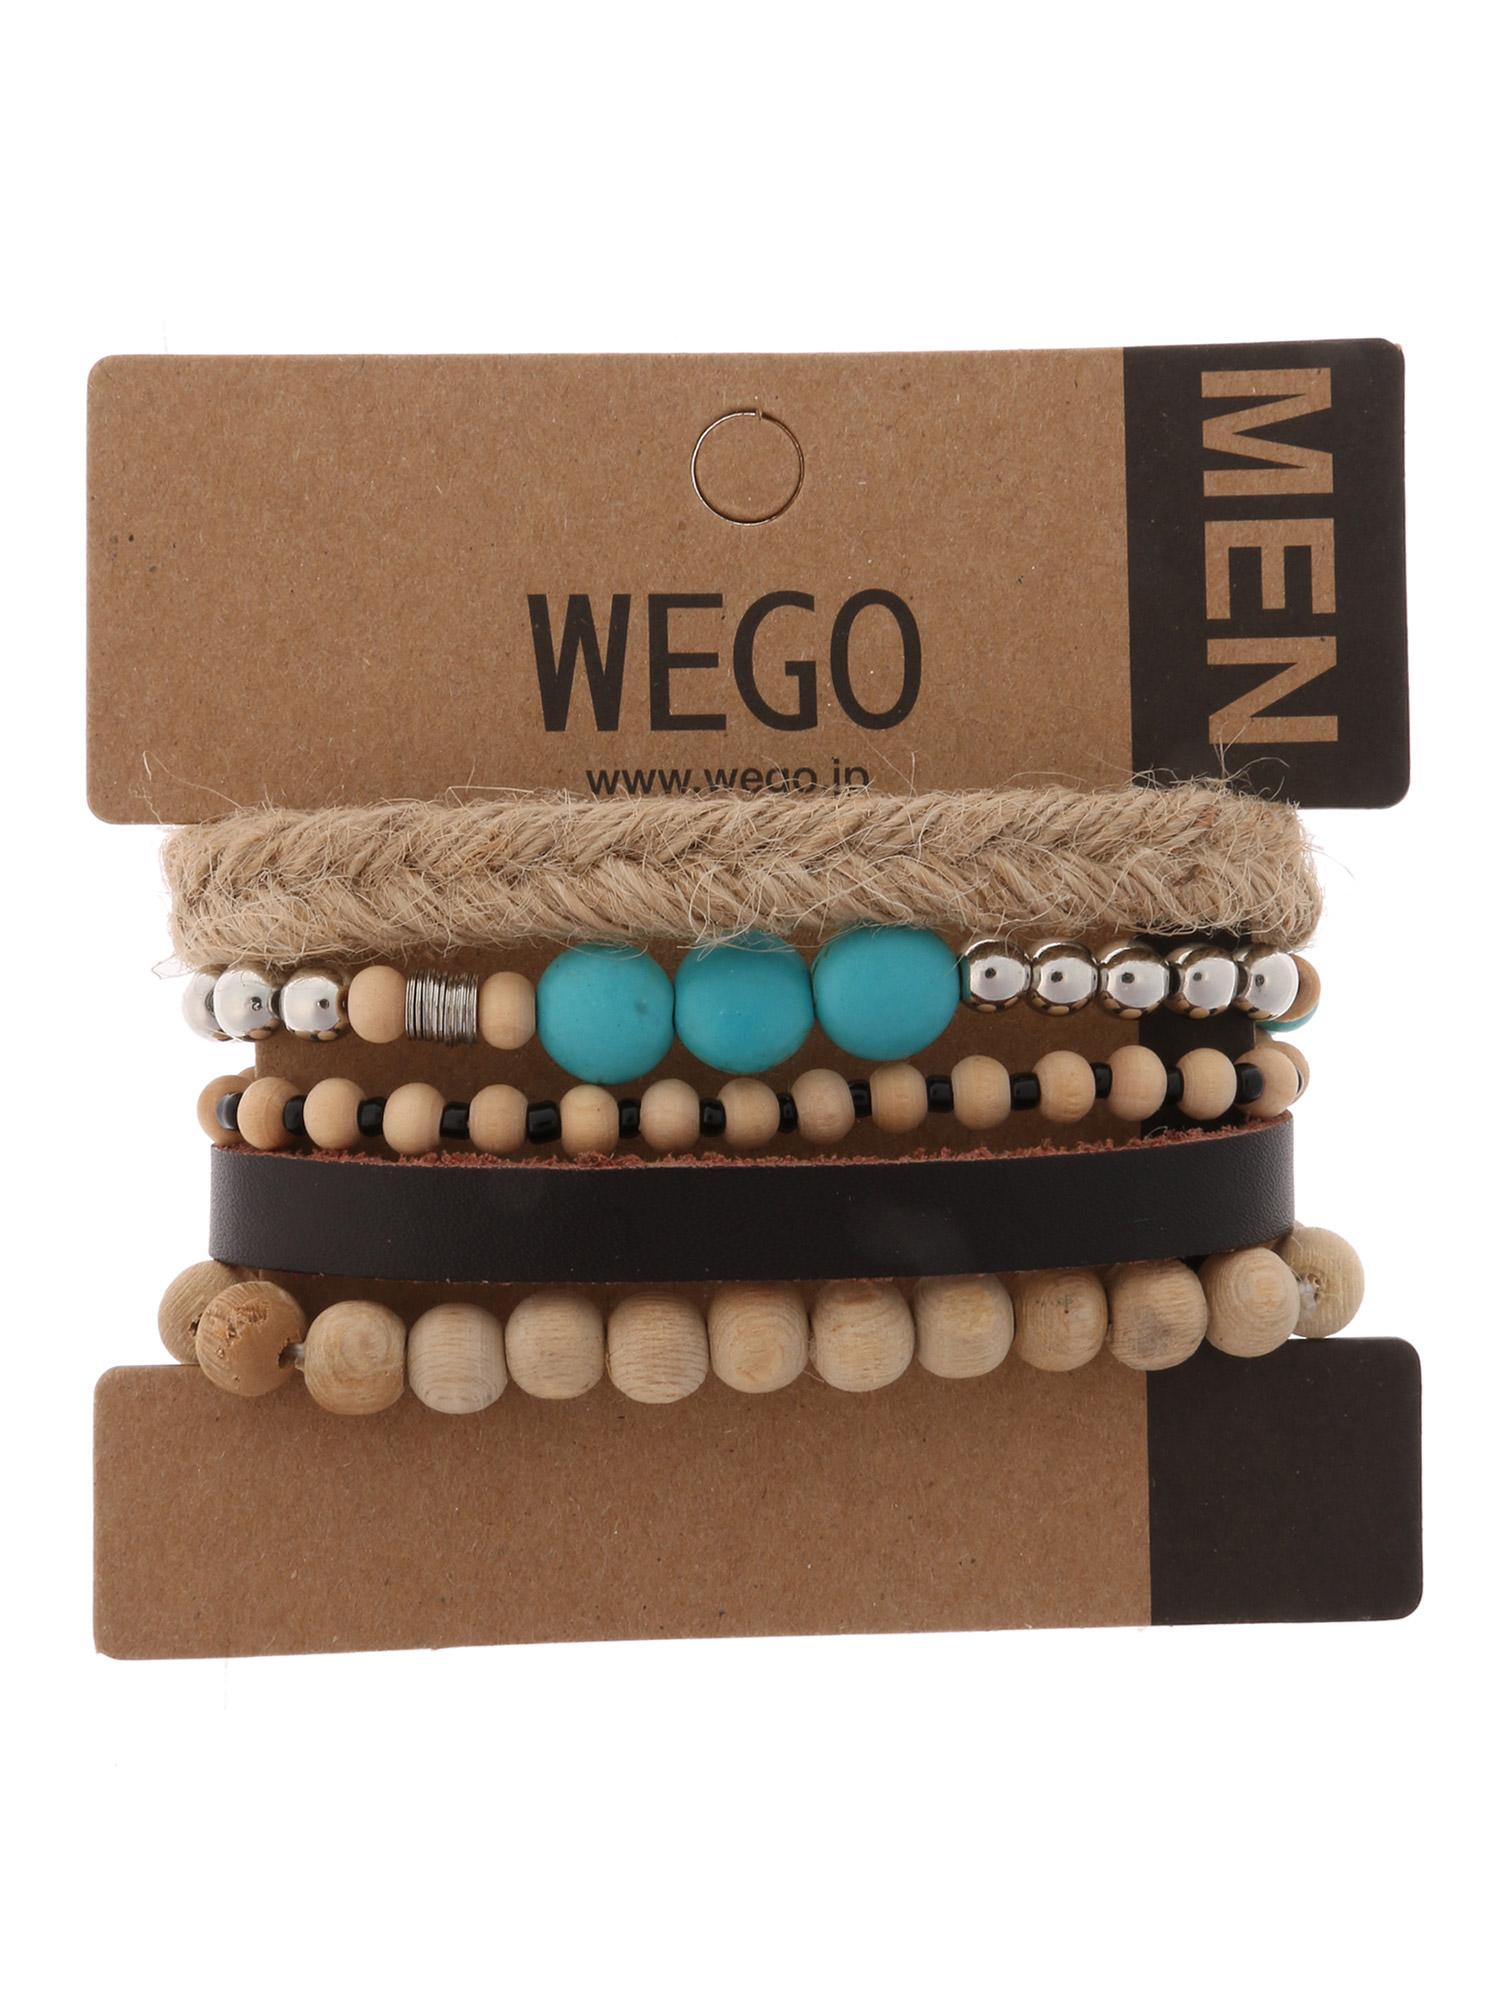 WEGO/ジュートミックスセットブレスレット